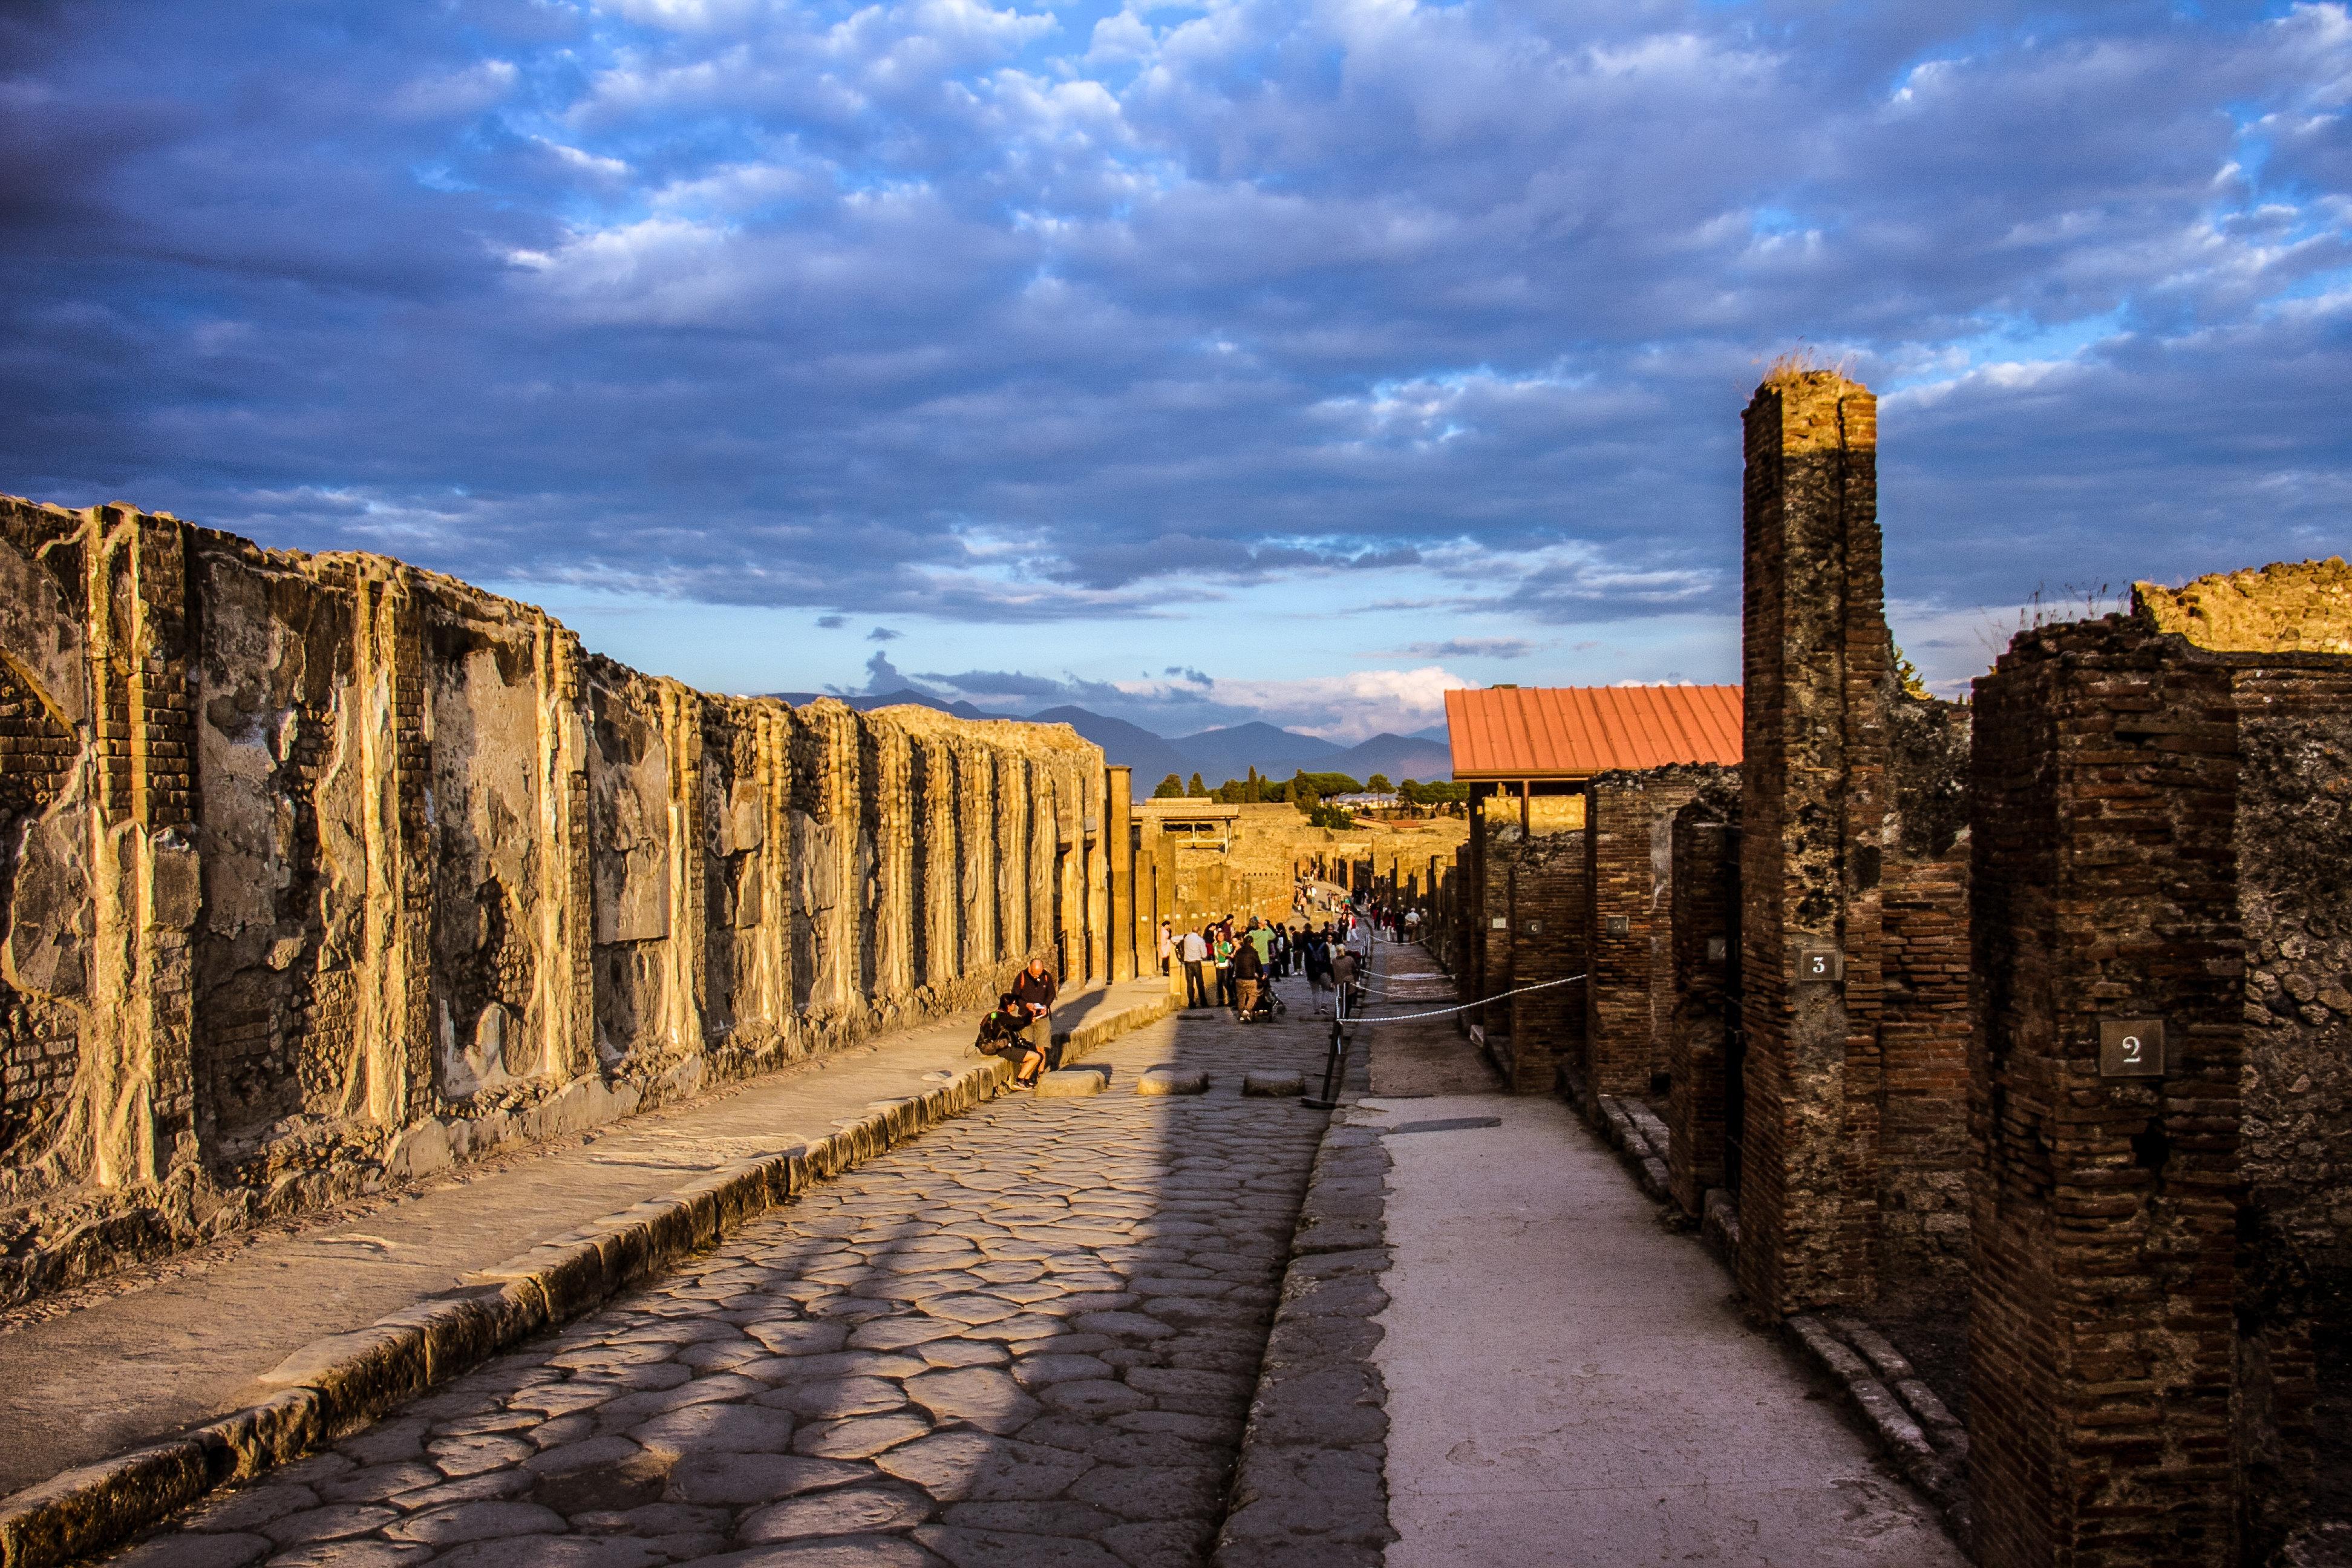 庞贝古城旅游景点图片